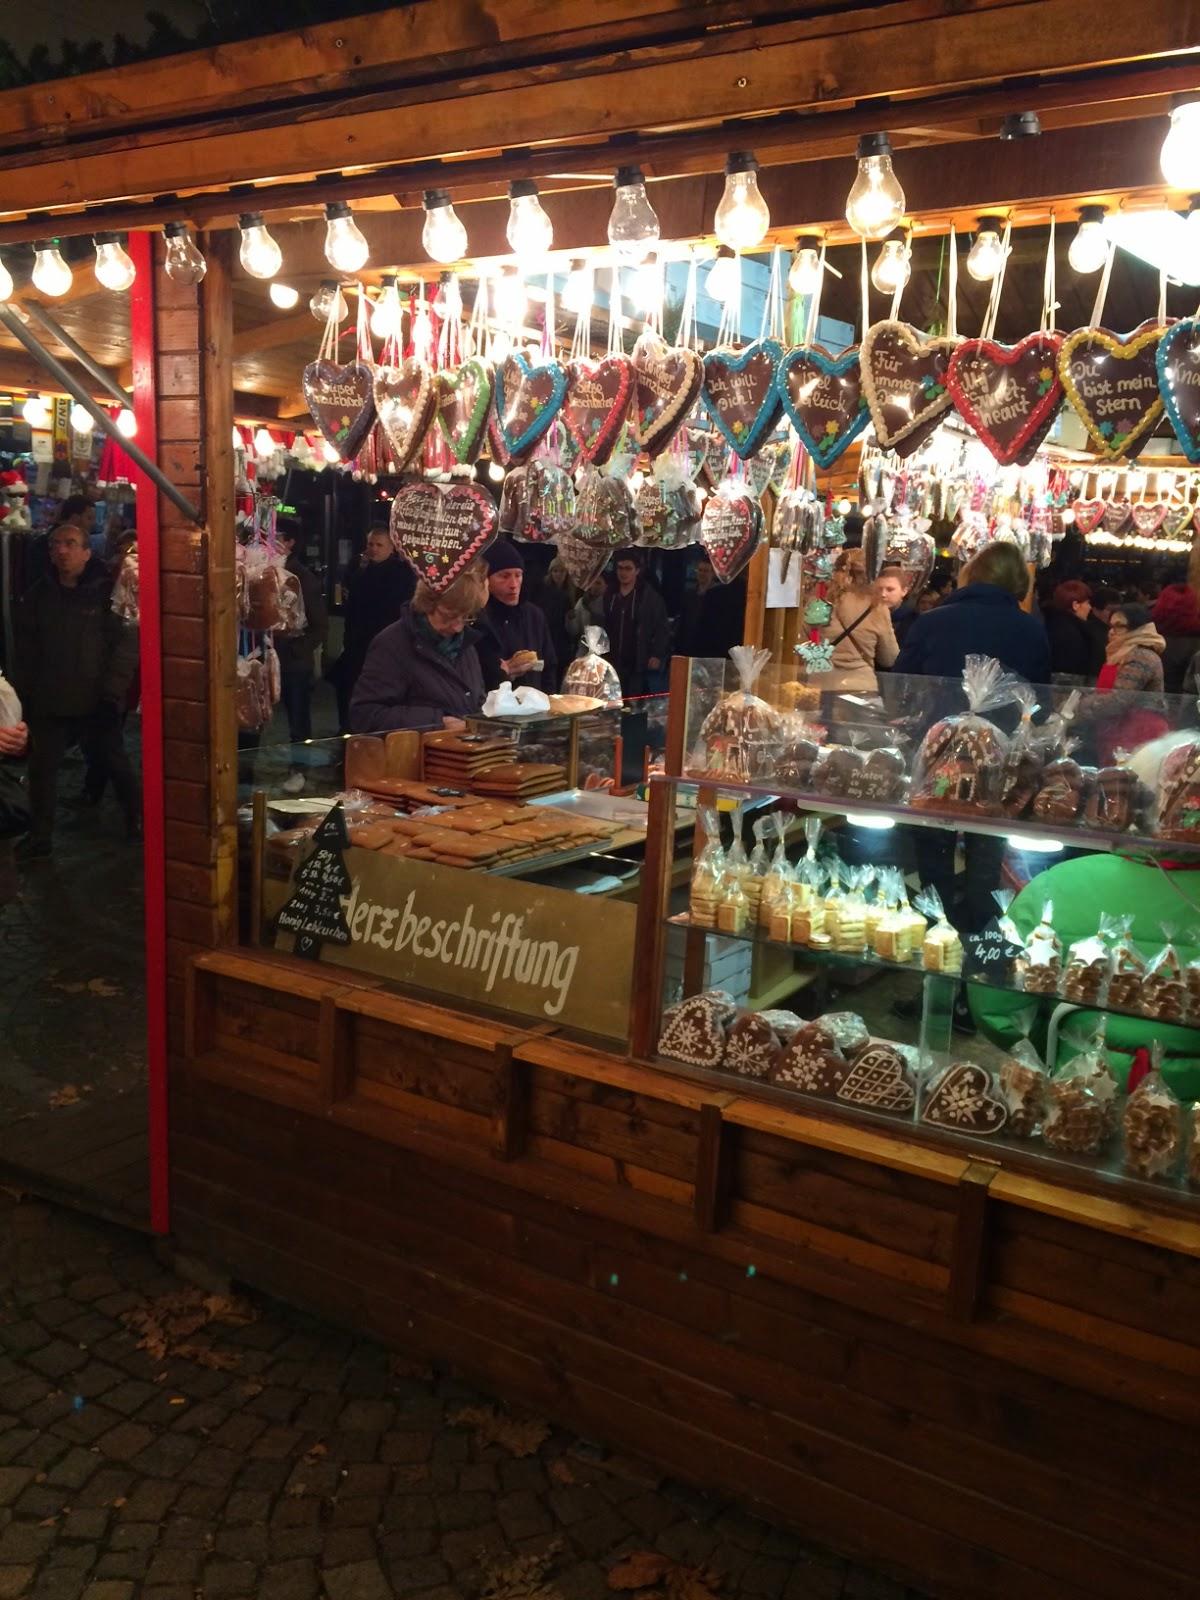 Weihnachtsmarkt en Frankfurt